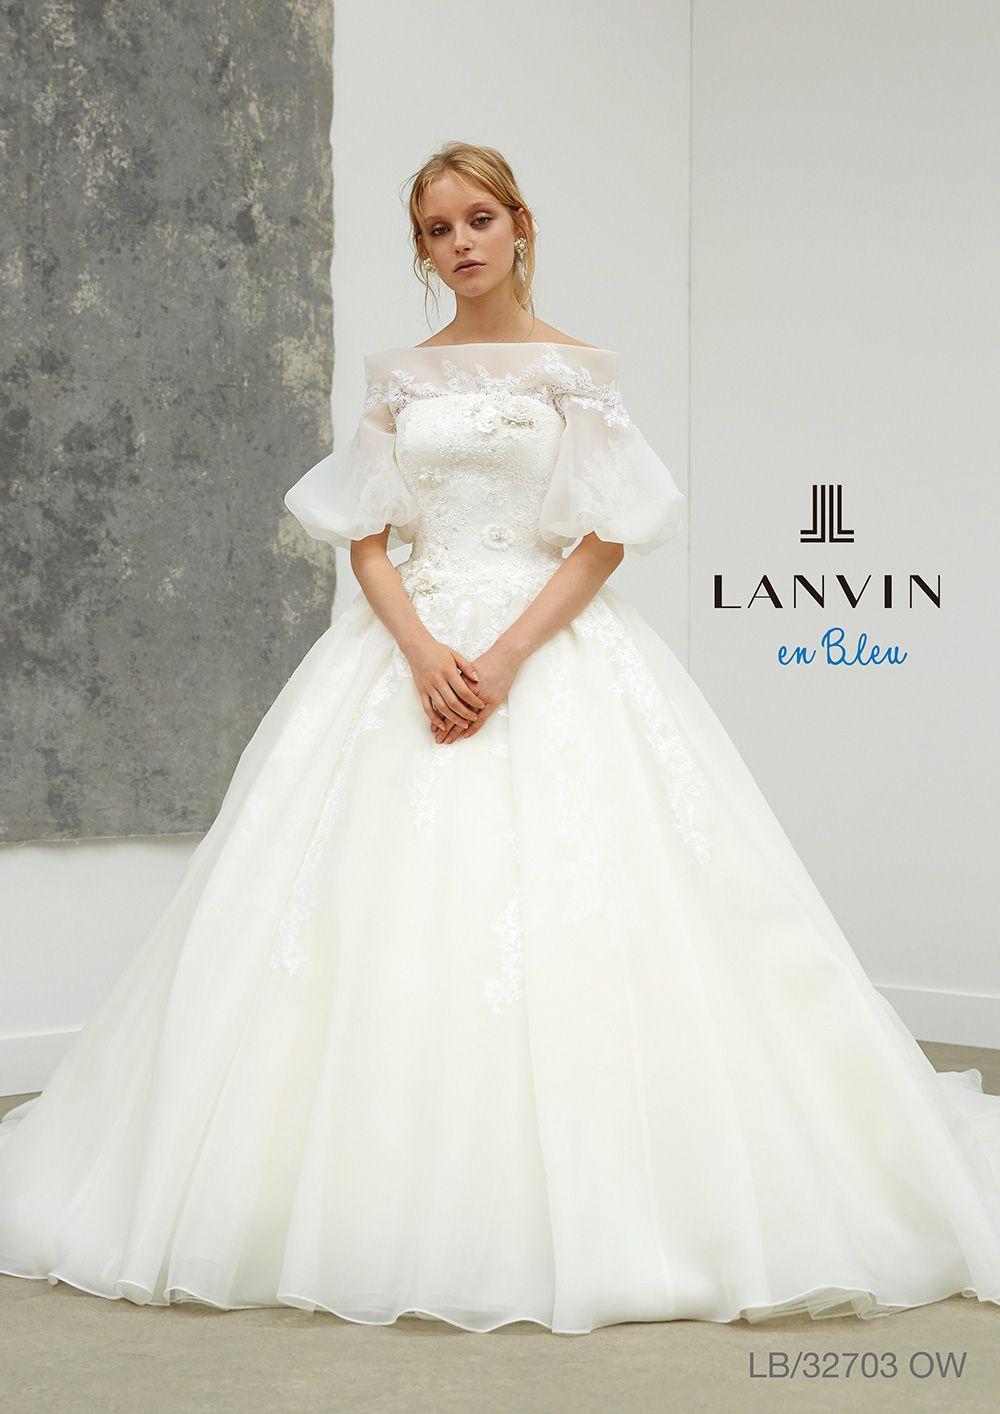 3b0646dff92ed 運命のウエディングドレス探しならフィーノへ。桂由美をはじめ人気のブランドドレスが満載です。 クラシカルなウエディングドレスからカラードレス、和装、  ...